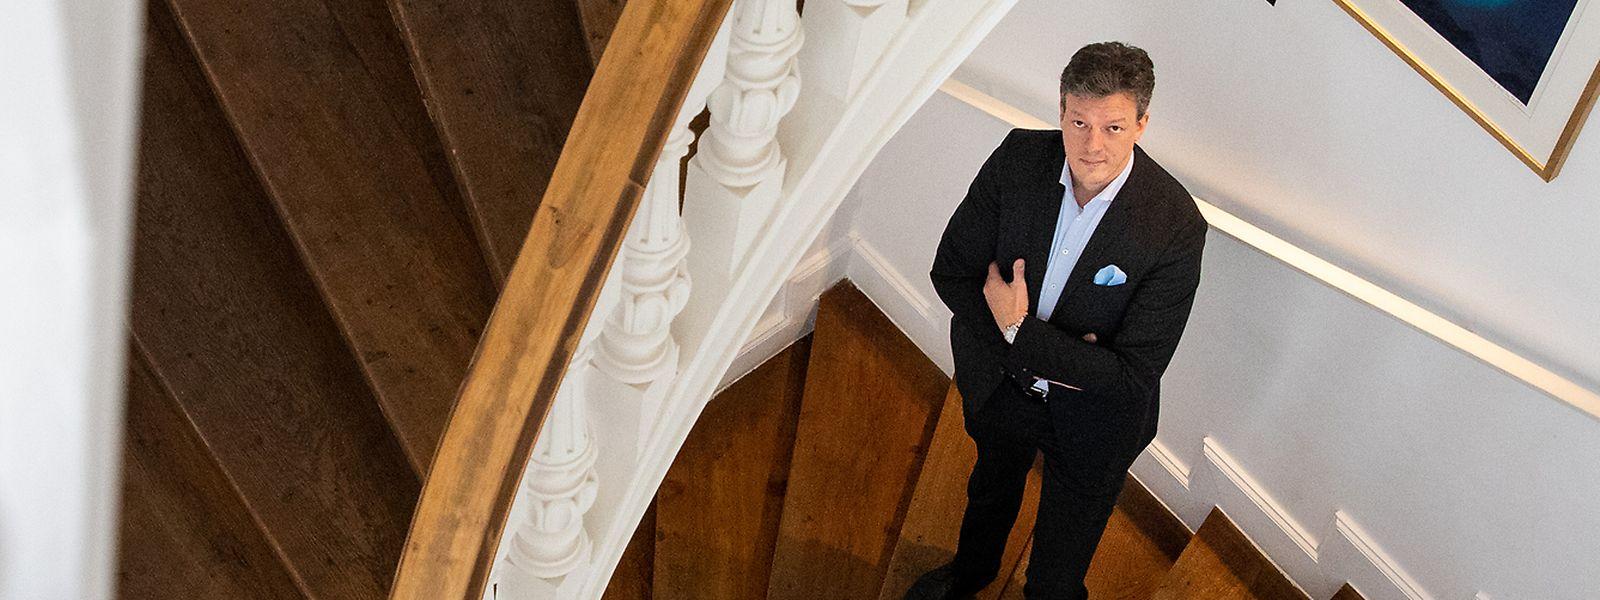 Der 44-jährige Cyrille Gerhardt hat sich mit seinem in Düdelingen niedergelassenen Unternehmen Smell Marketing auf die Kreation von Duftidentitäten spezialisiert.